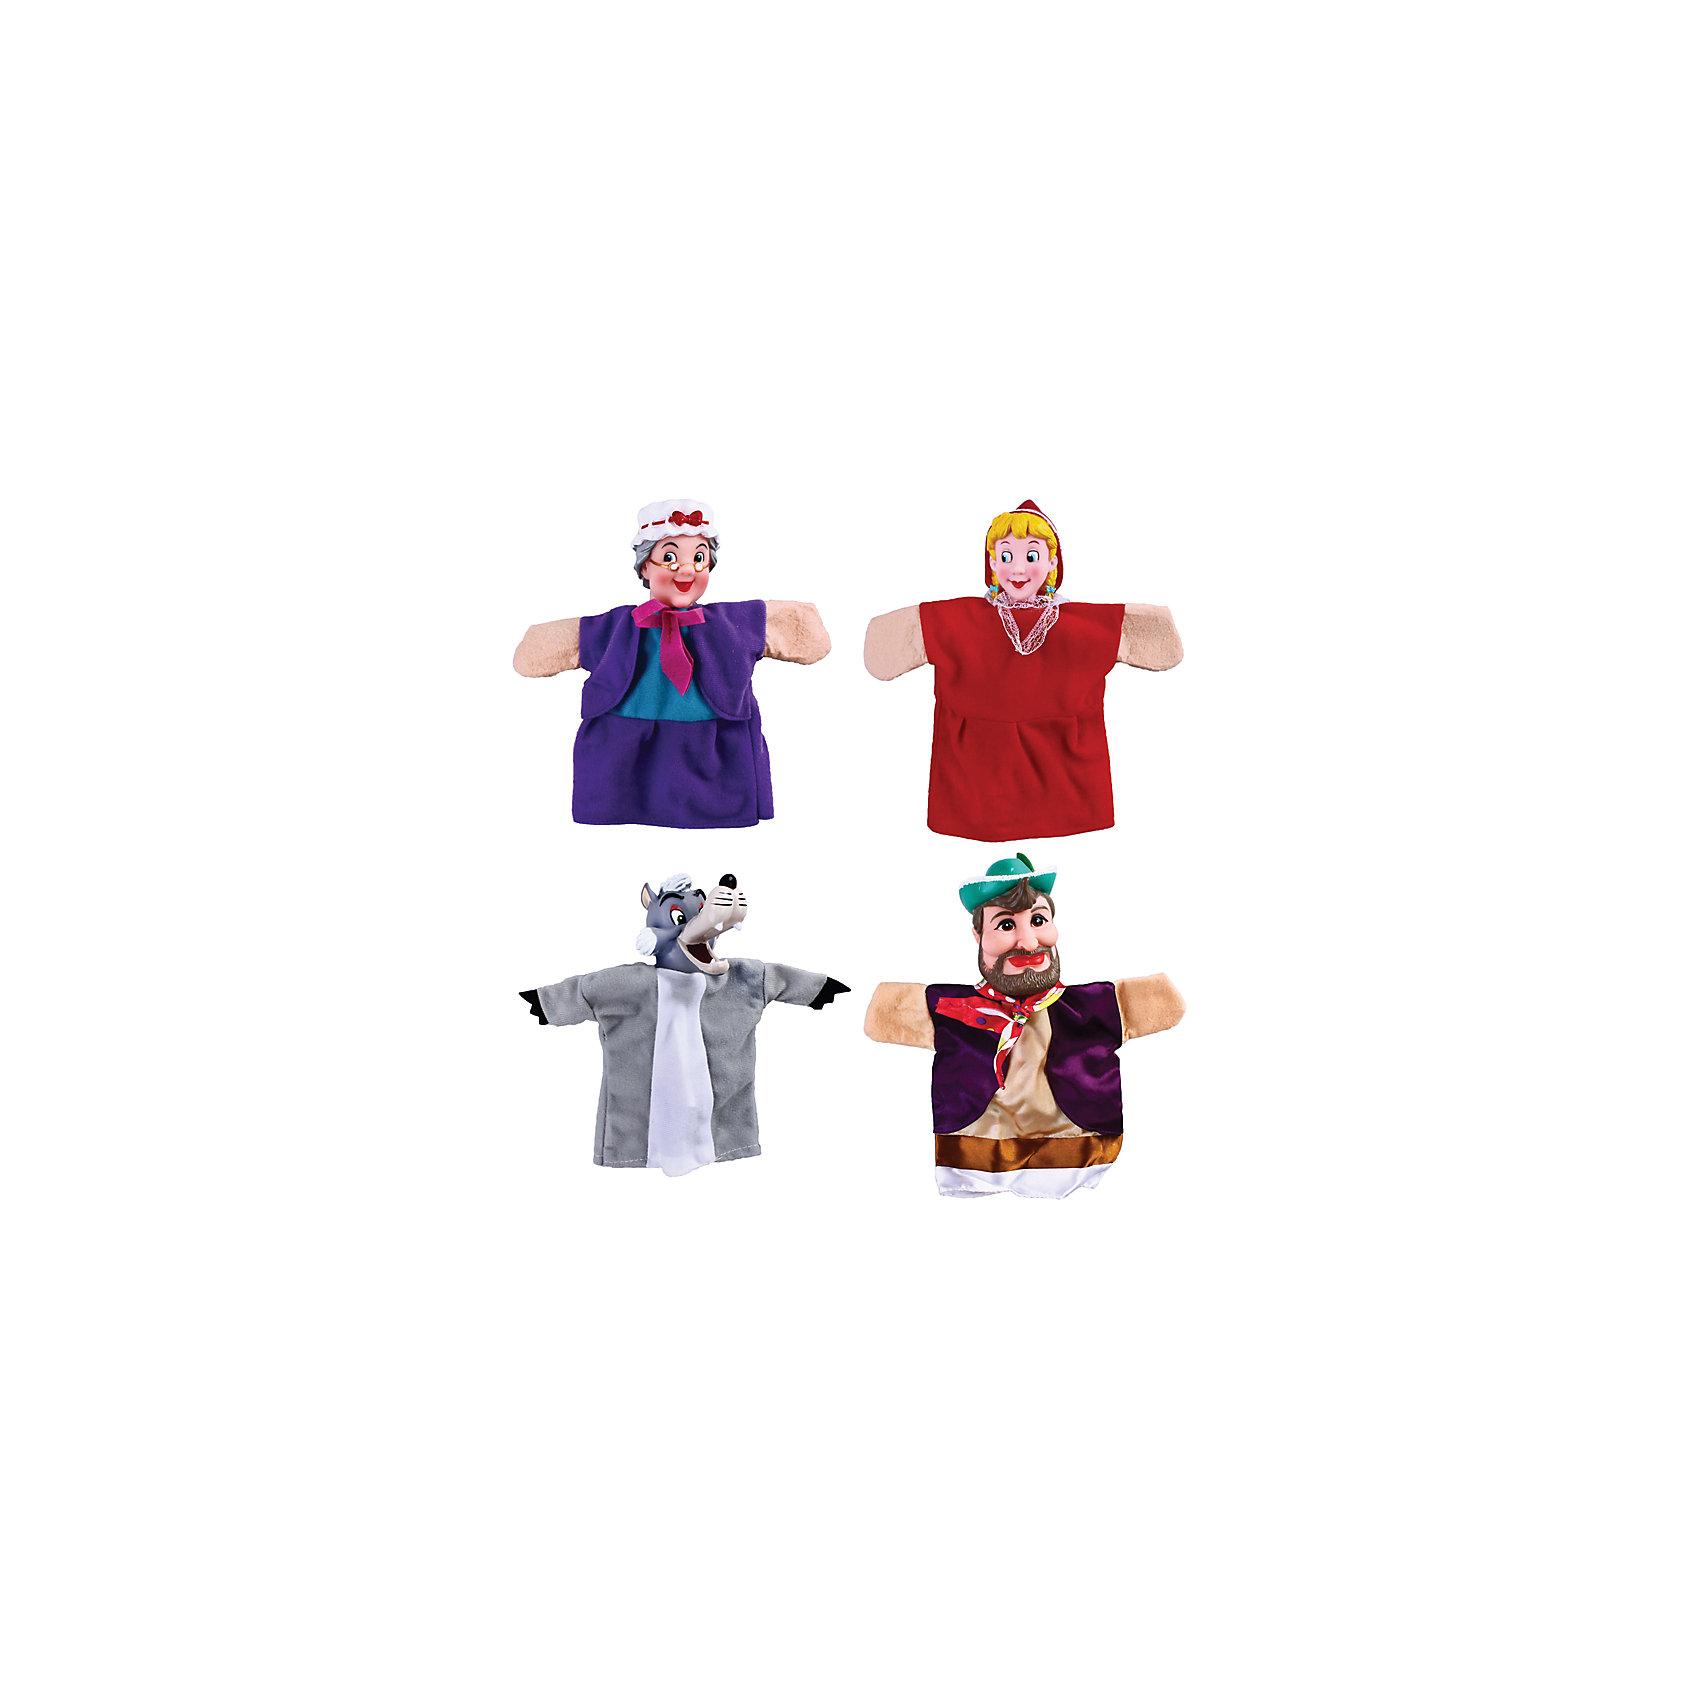 Кукольный театр Красная шапочка, 4 куклы, ЖирафикиМягкие игрушки на руку<br>Кукольный театр – настоящее искусство! Погрузите малыша в детский мир драмы с помощью уникальных игрушек – кукол! Играйте с ребенком вместе, показывайте ему свое представление или устройте настоящий домашний спектакль перед родными. Игра такого плана развивает у малыша актерские способности, любовь к выступлениям на публике, а так же улучшает творческие способности и развивает фантазию и воображение. Материалы, использованные при изготовлении товара, абсолютно безопасны и отвечают всем международным требованиям по качеству.<br><br>Дополнительные характеристики:<br><br>материал: пластик, ПВХ;<br>цвет: разноцветный;<br>количество: 4 куклы.<br><br>Кукольный театр Красная шапочка от компании Жирафики можно приобрести в нашем магазине.<br><br>Ширина мм: 587<br>Глубина мм: 473<br>Высота мм: 419<br>Вес г: 442<br>Возраст от месяцев: 36<br>Возраст до месяцев: 96<br>Пол: Унисекс<br>Возраст: Детский<br>SKU: 5032544